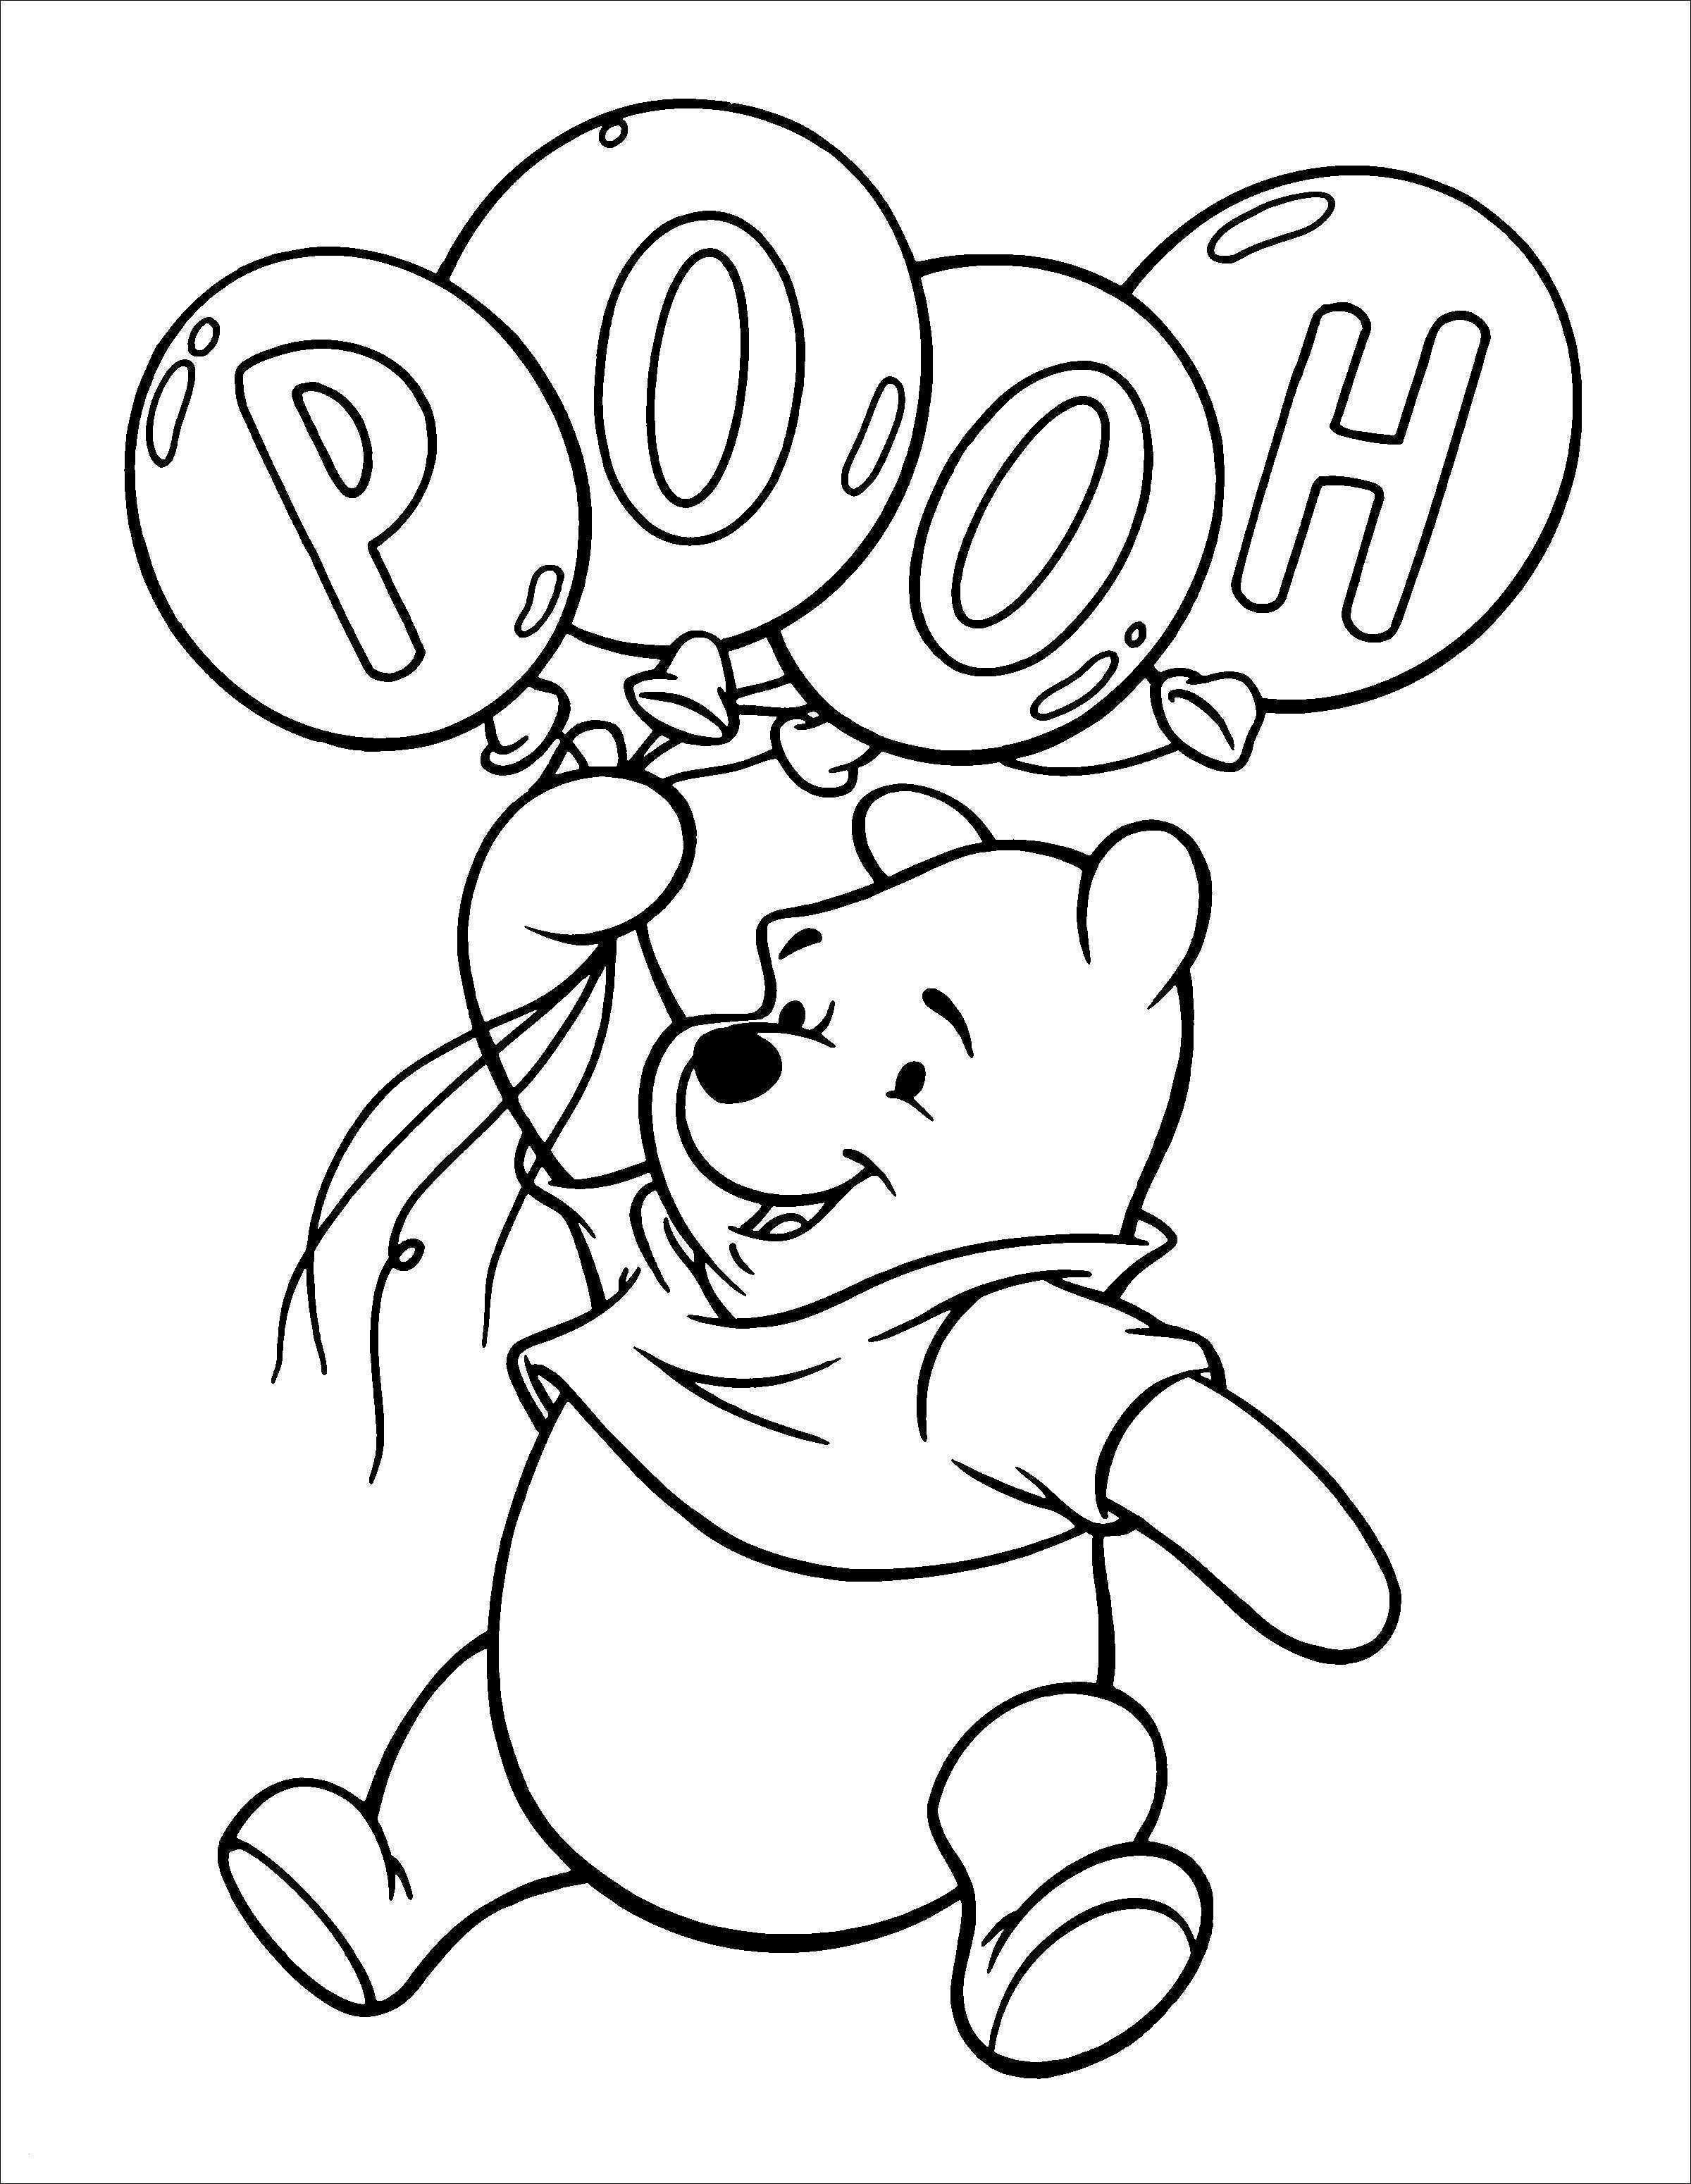 Winnie Pooh Malvorlage Das Beste Von Winnie Pooh Bilder Zum Ausmalen Gemälde Bayern Ausmalbilder Neu Igel Fotografieren